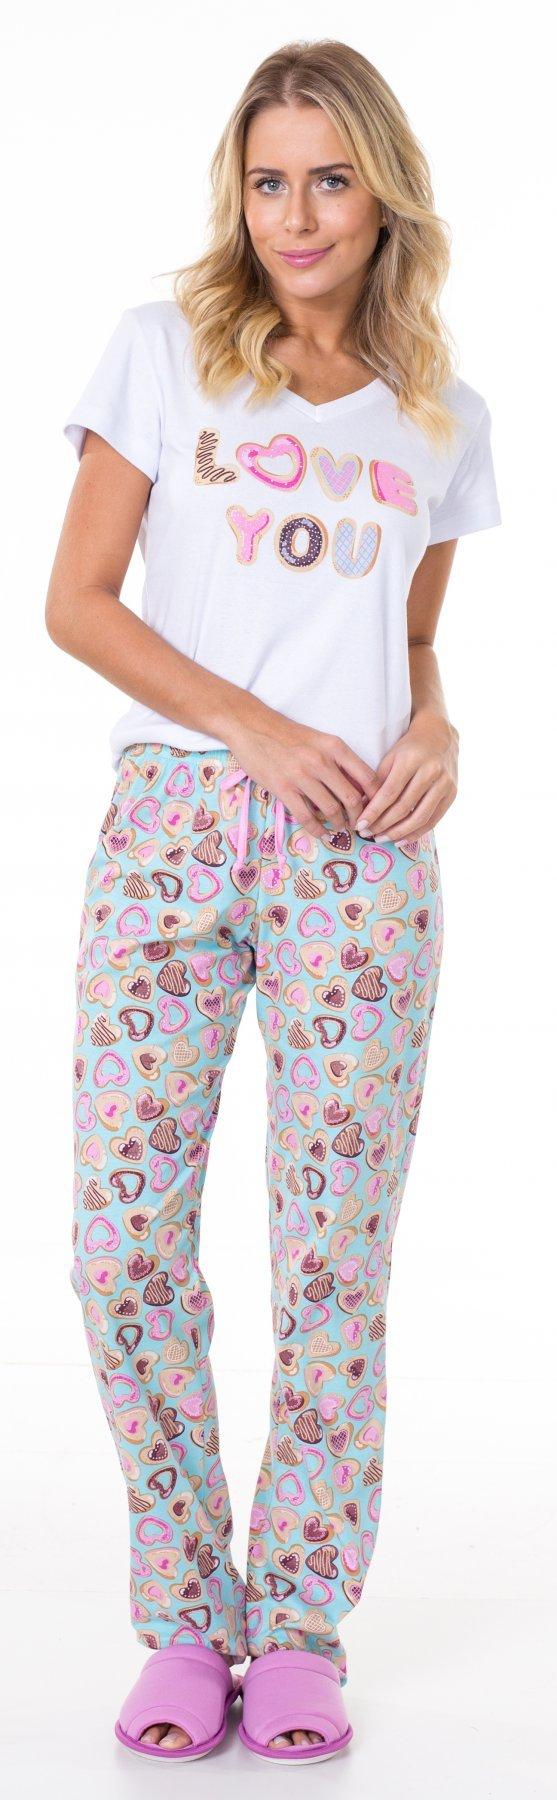 Pijama Longo Doce Amor Promoção